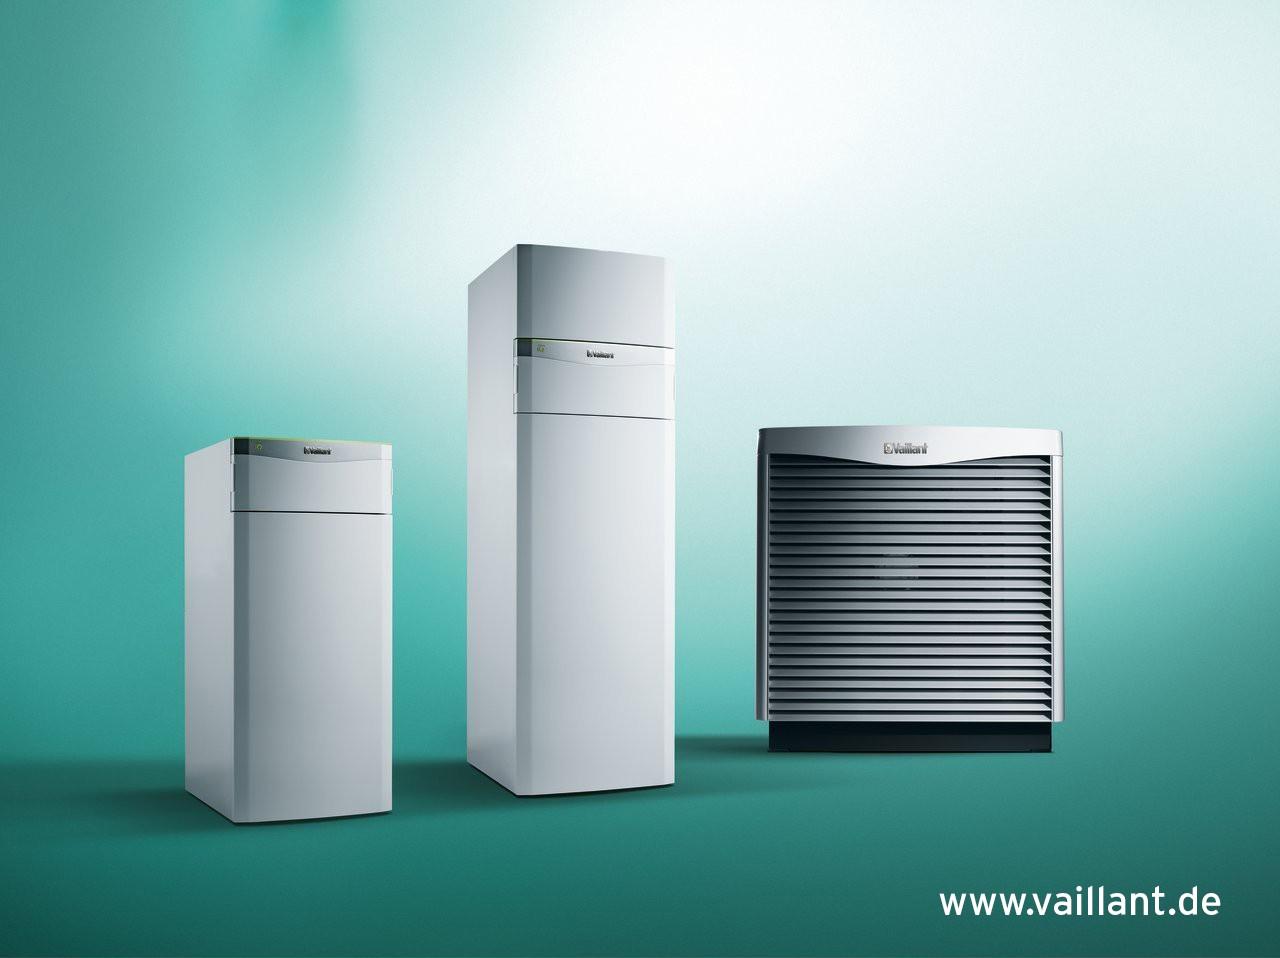 Vaillant VAILLANT Paket 4.45 flexoTHERMVWF 197 /4 mit aroCOLLECT Luft/Wasser